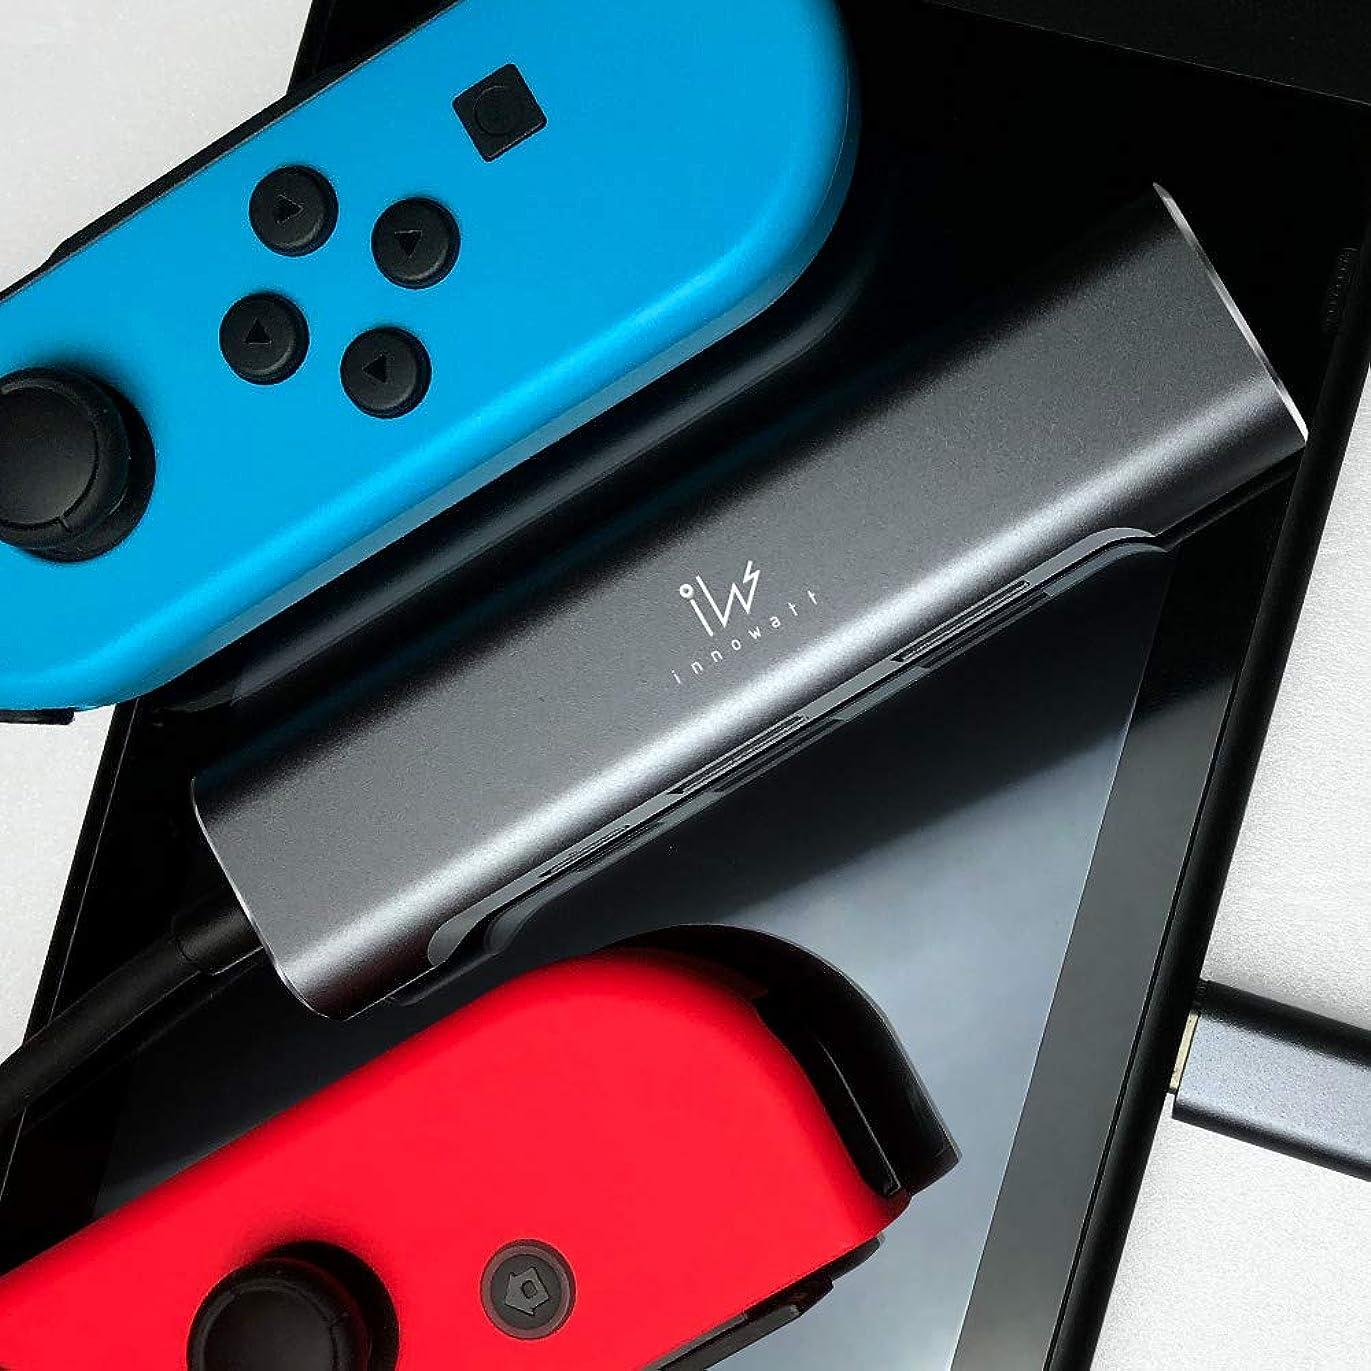 徹底ジョージハンブリー闘争【innowatt】 4in1 Type-C ハブ 変換アダプタ 4K HDMI USB 2.0 3.1 PD充電 薄型 軽量 Nintendo Switch、MacBook Pro、Samsung Galaxy DeX モード など対応